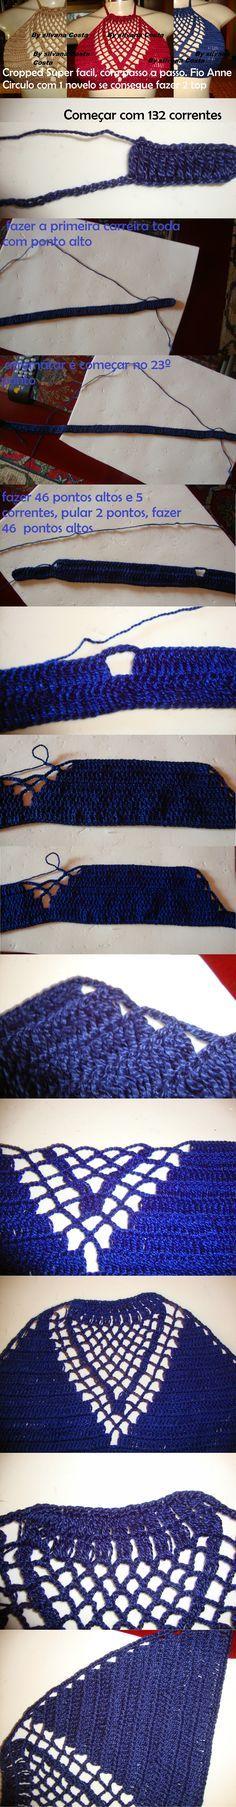 Biquinis de croche - Inspiração